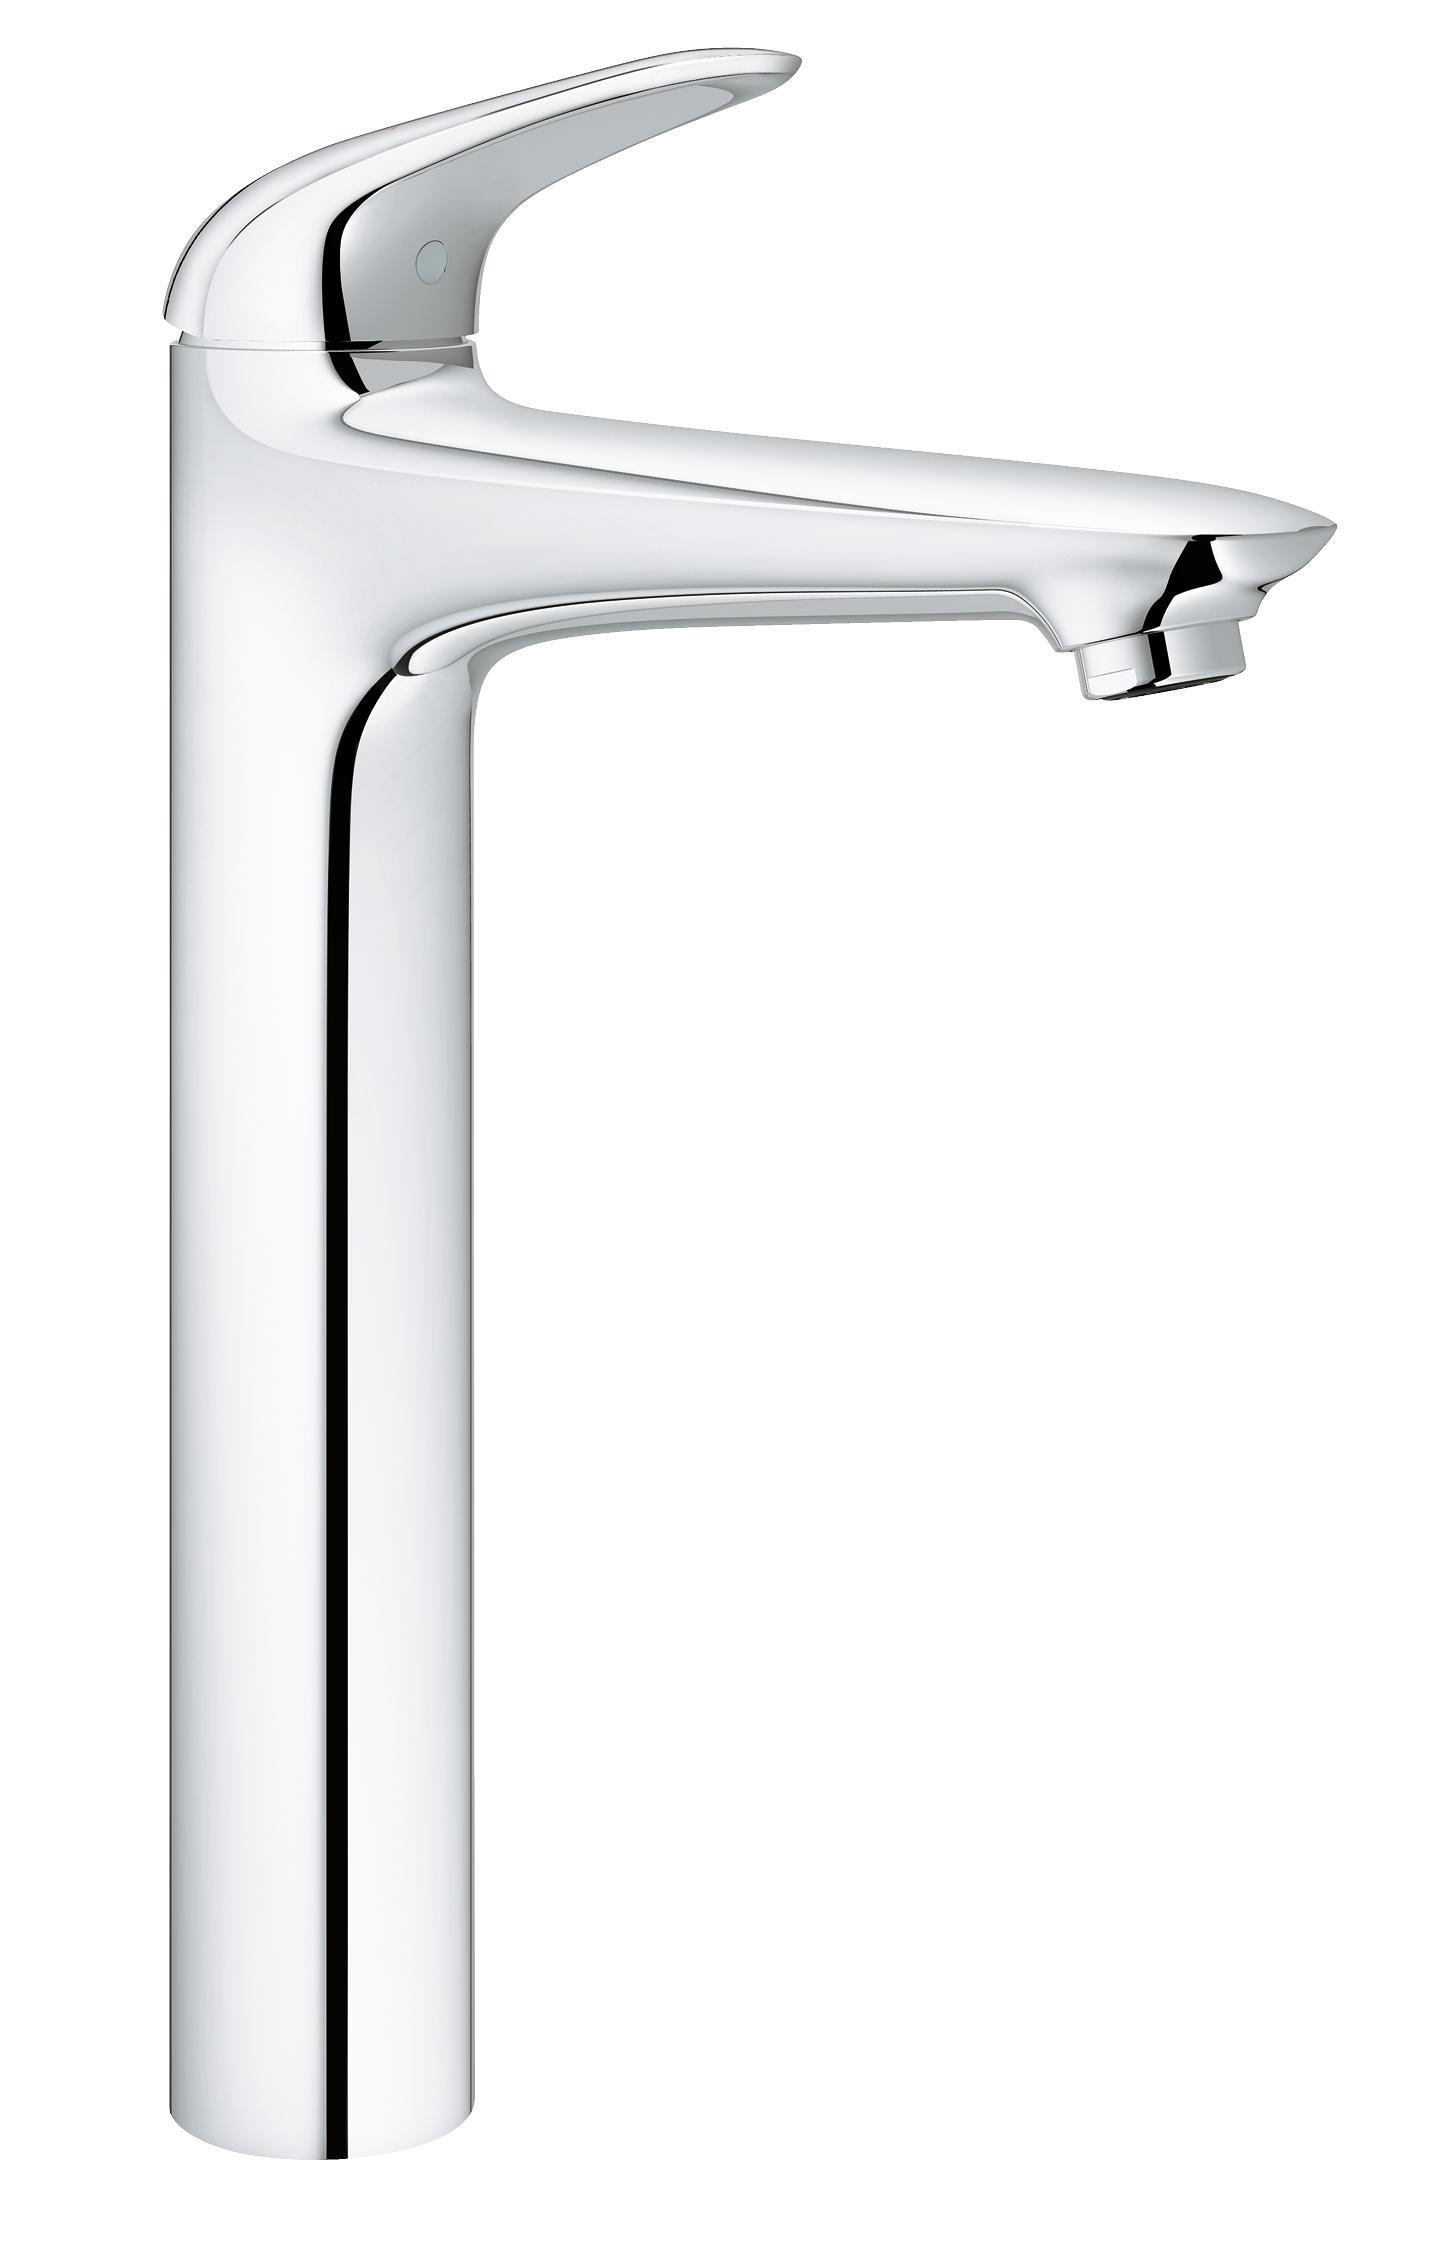 Смеситель для раковины Grohe Eurostyle 2015 solid 23719003 32129001 atrio 7° смеситель однорычажный для раковины grohe